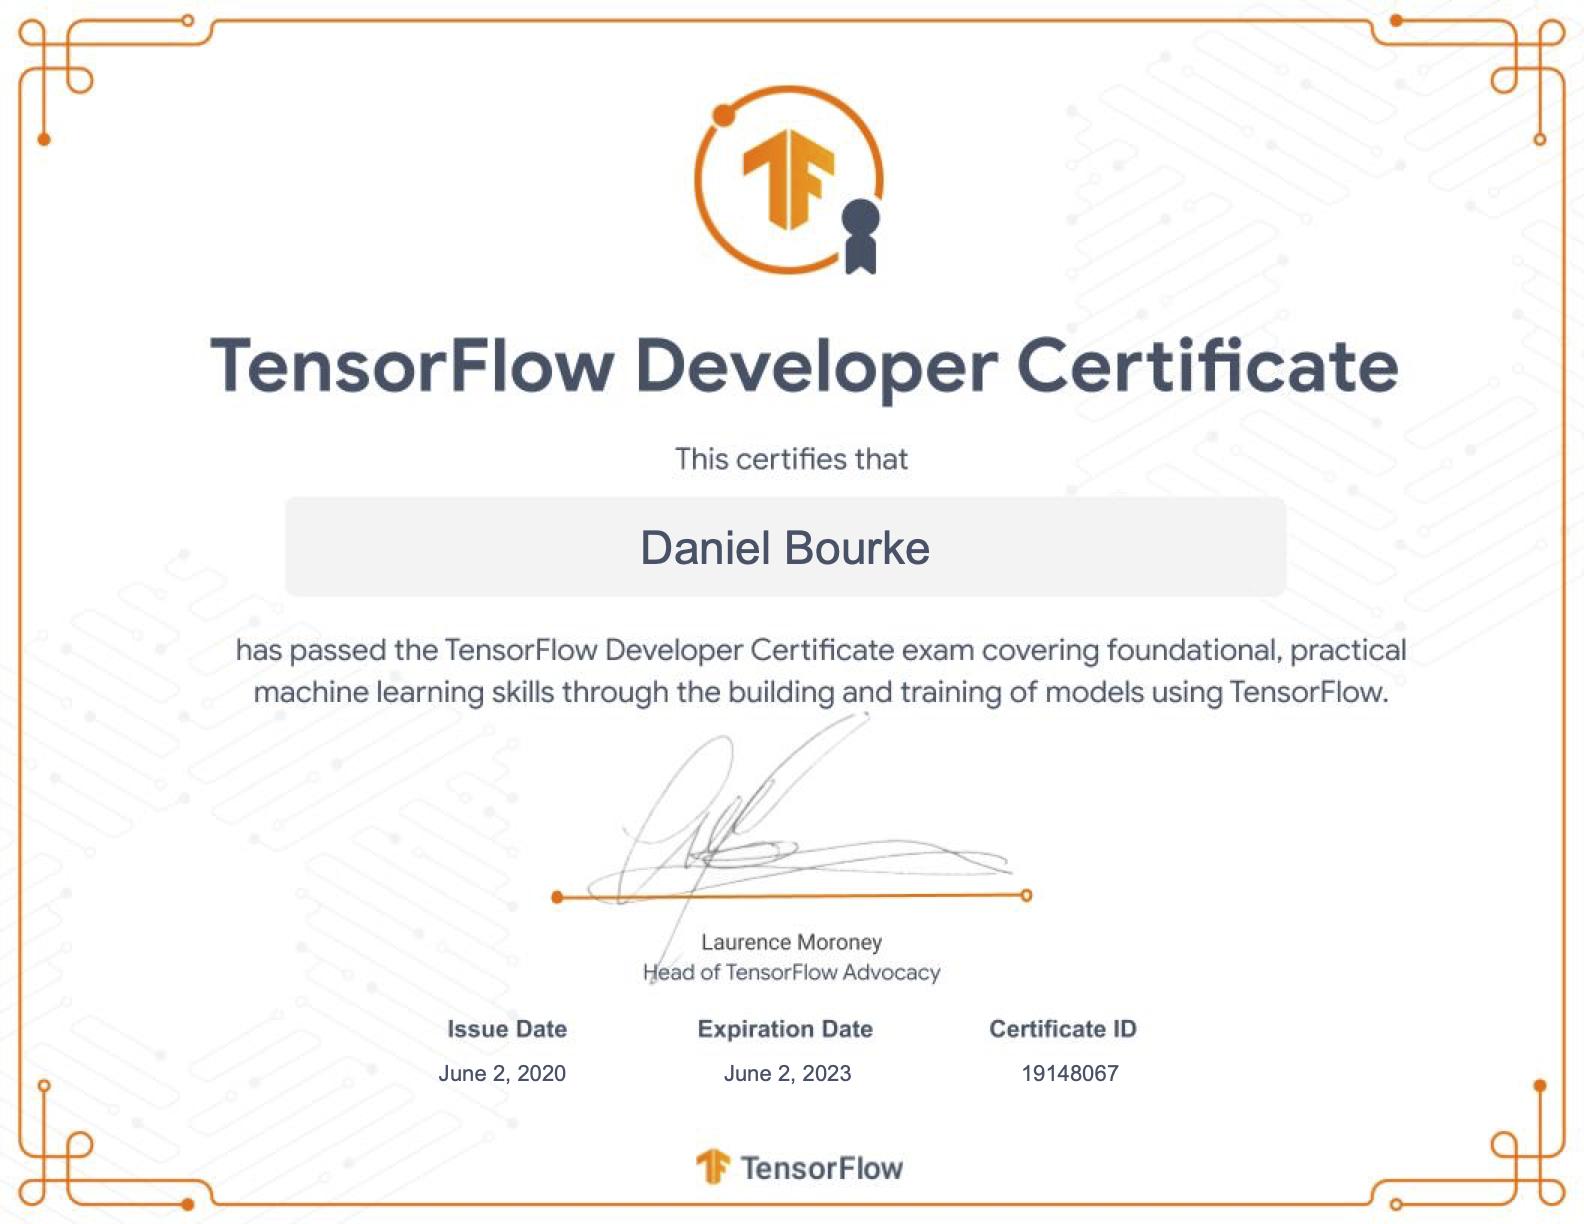 Daniel Bourke's TensorFlow Developer certification